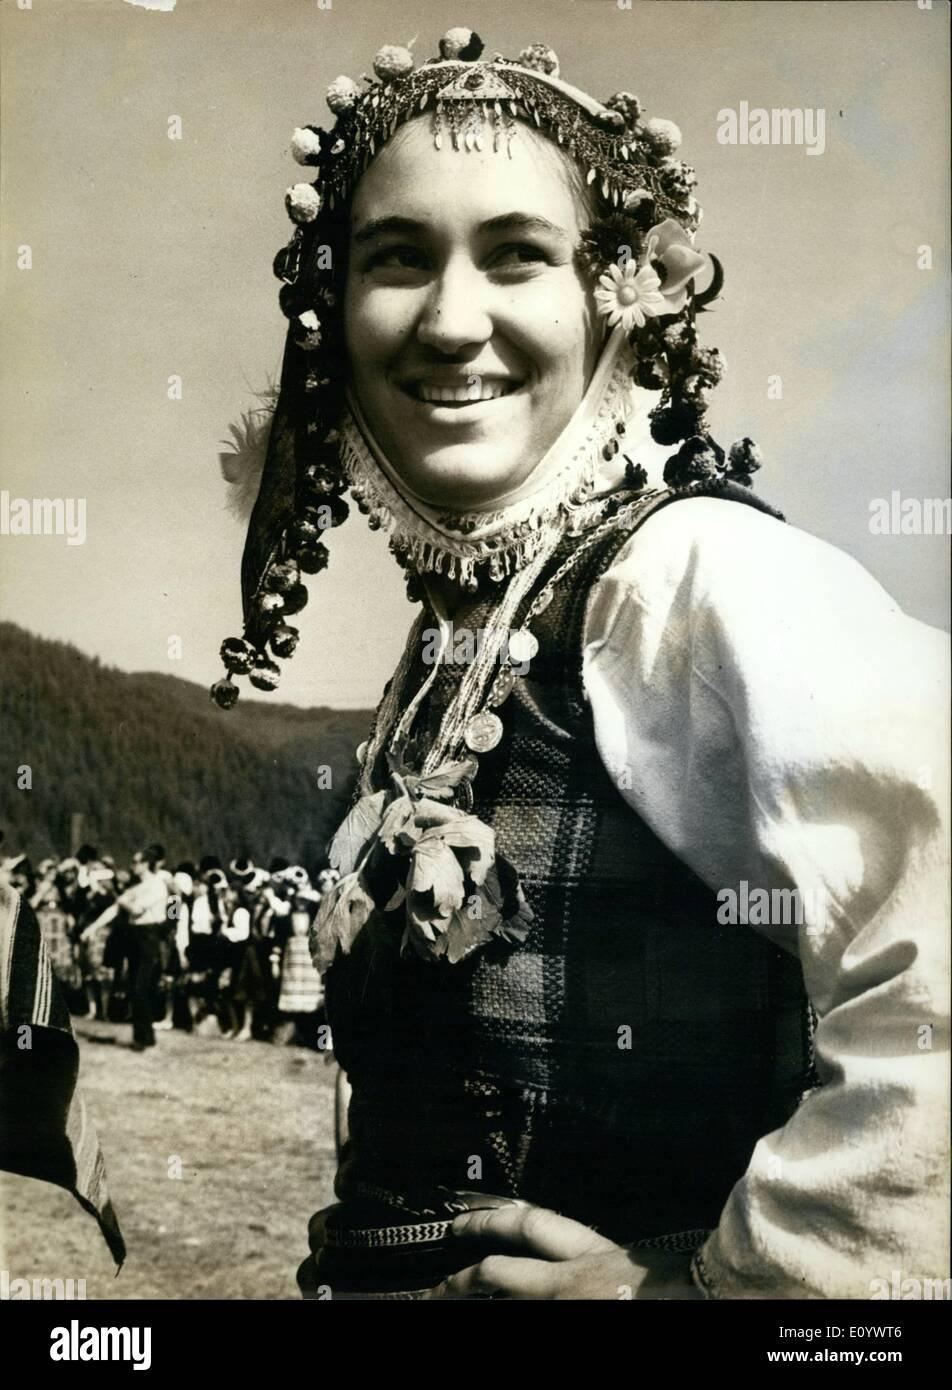 Agosto 08, 1971 - Festival di Folklore: OPS: Uno dei molti partecipanti al festival. Immagini Stock